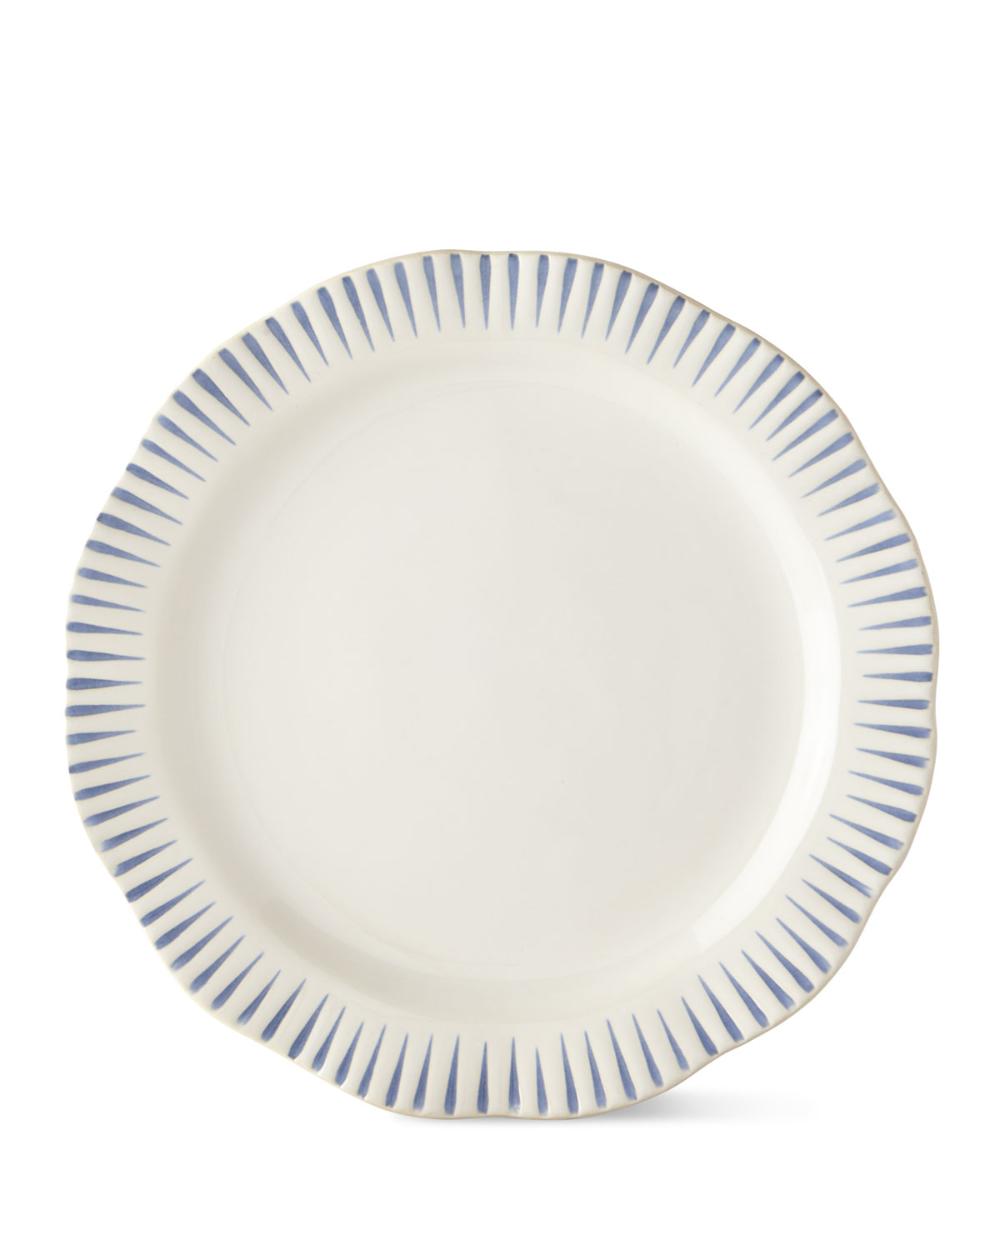 Juliska Sitio Stripe Indigo Dinner Plate In 2020 Dinner Plates Juliska Tops Designs